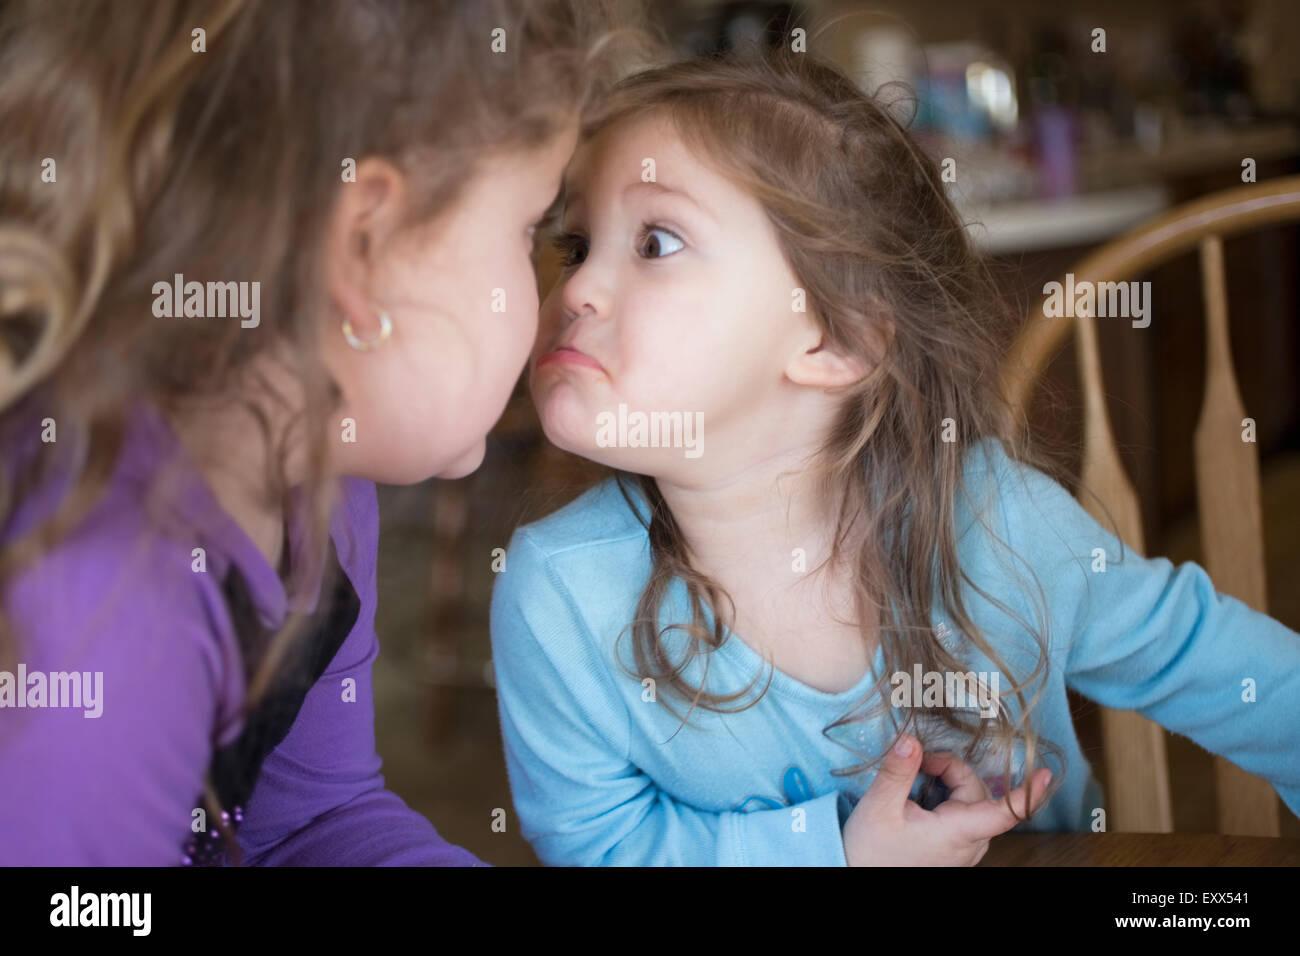 Sœurs faisant des grimaces à chaque autre Photo Stock